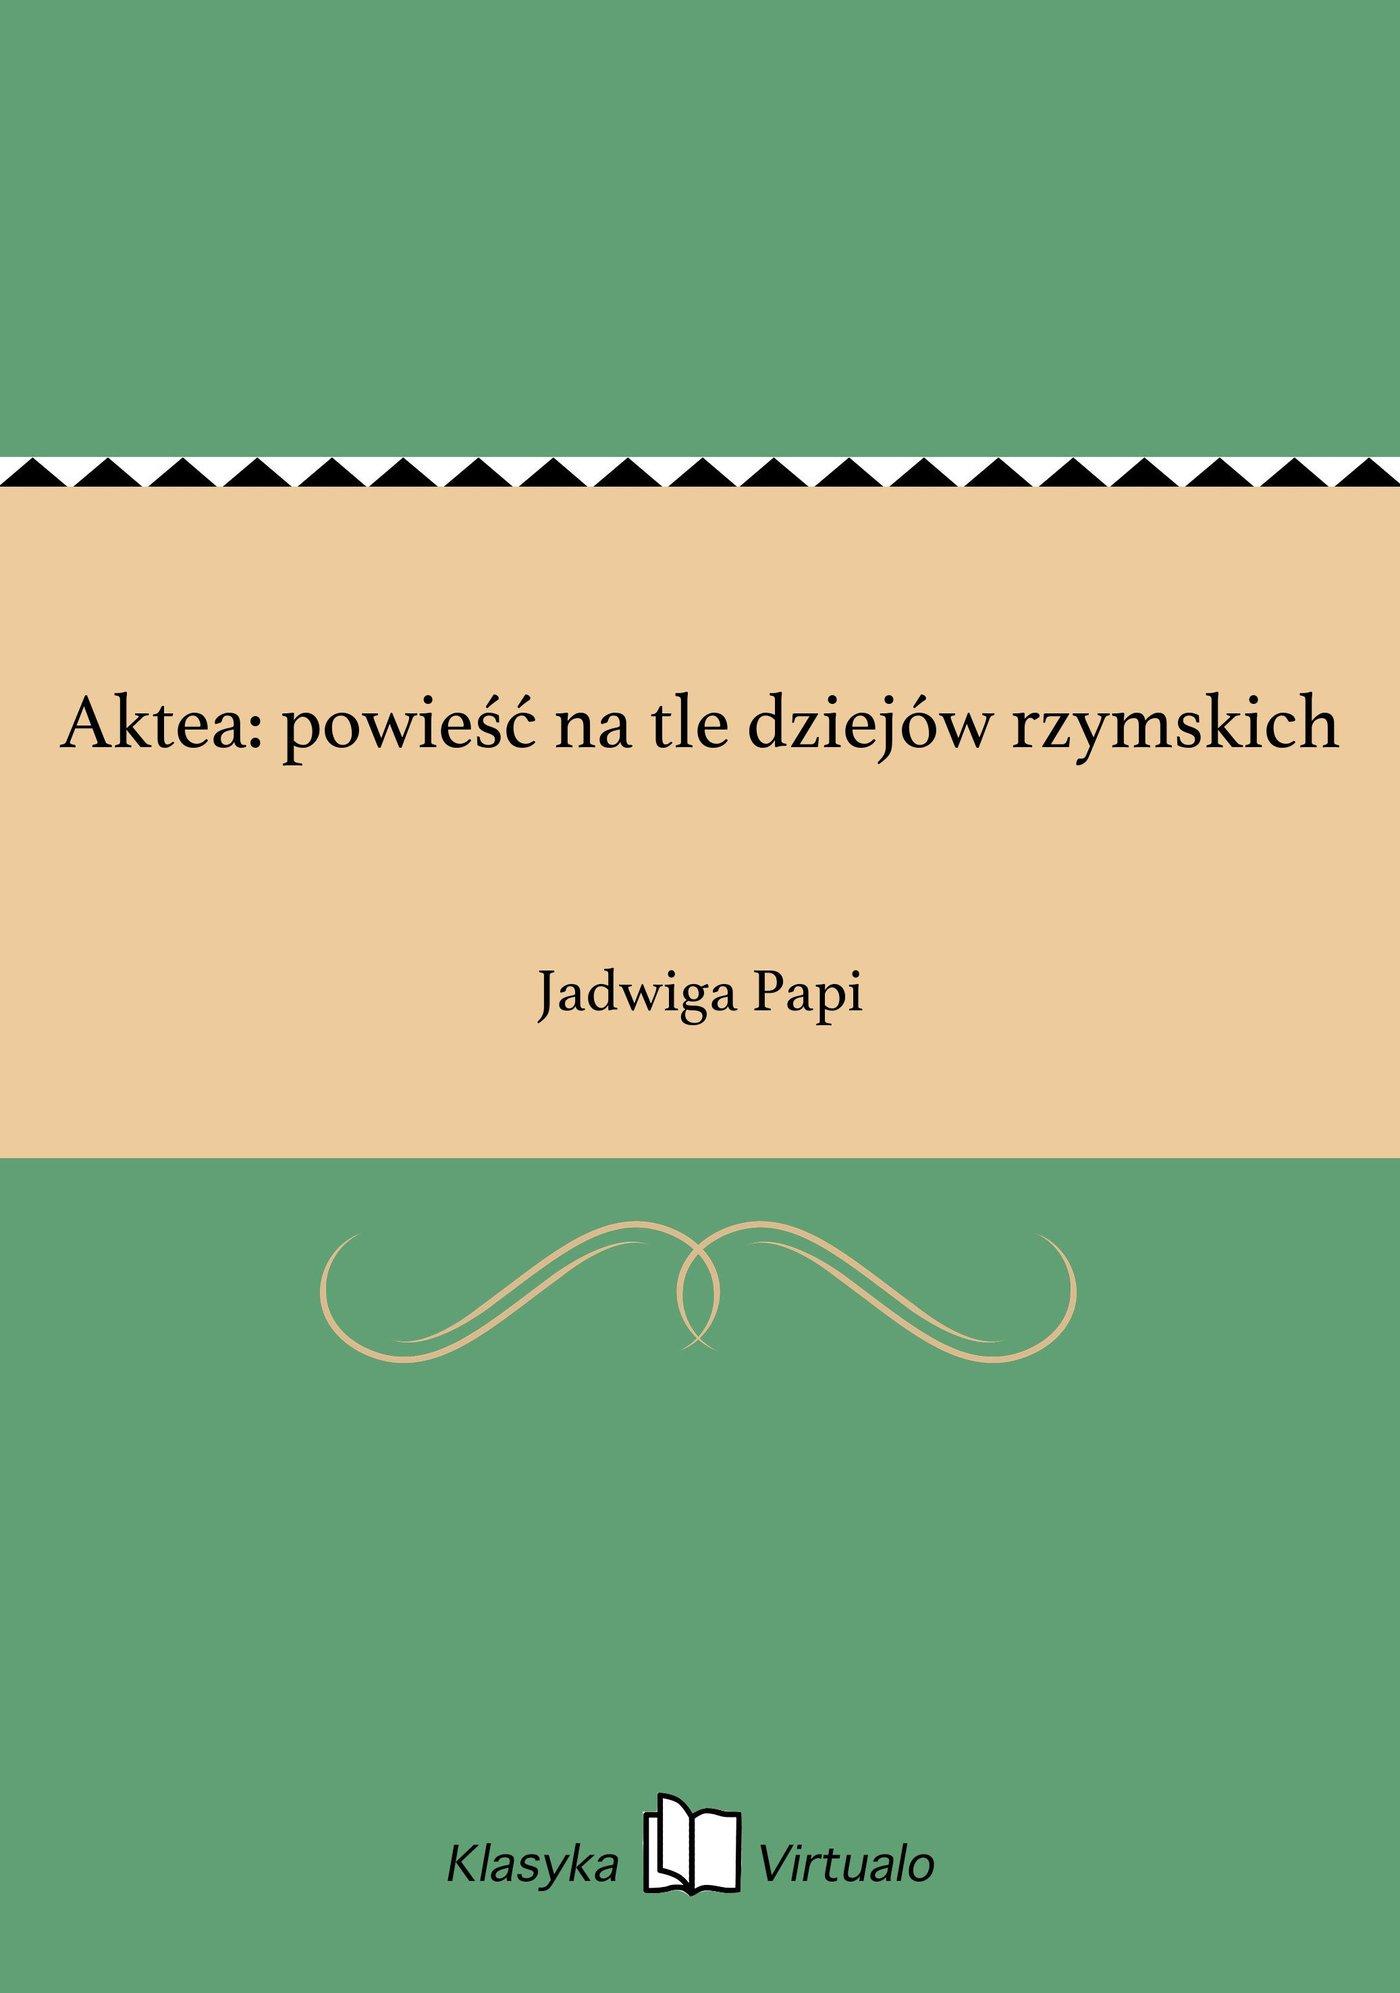 Aktea: powieść na tle dziejów rzymskich - Ebook (Książka EPUB) do pobrania w formacie EPUB